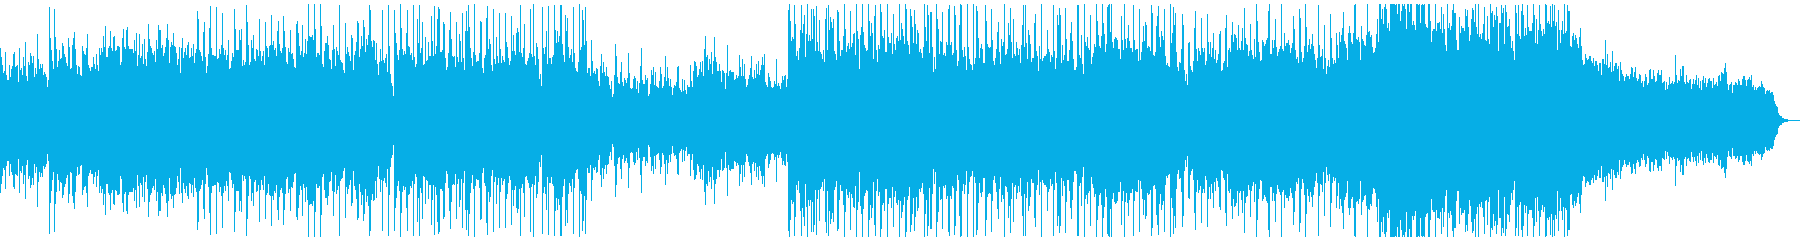 メロディアスなミクスチャーミュージックの再生済みの波形